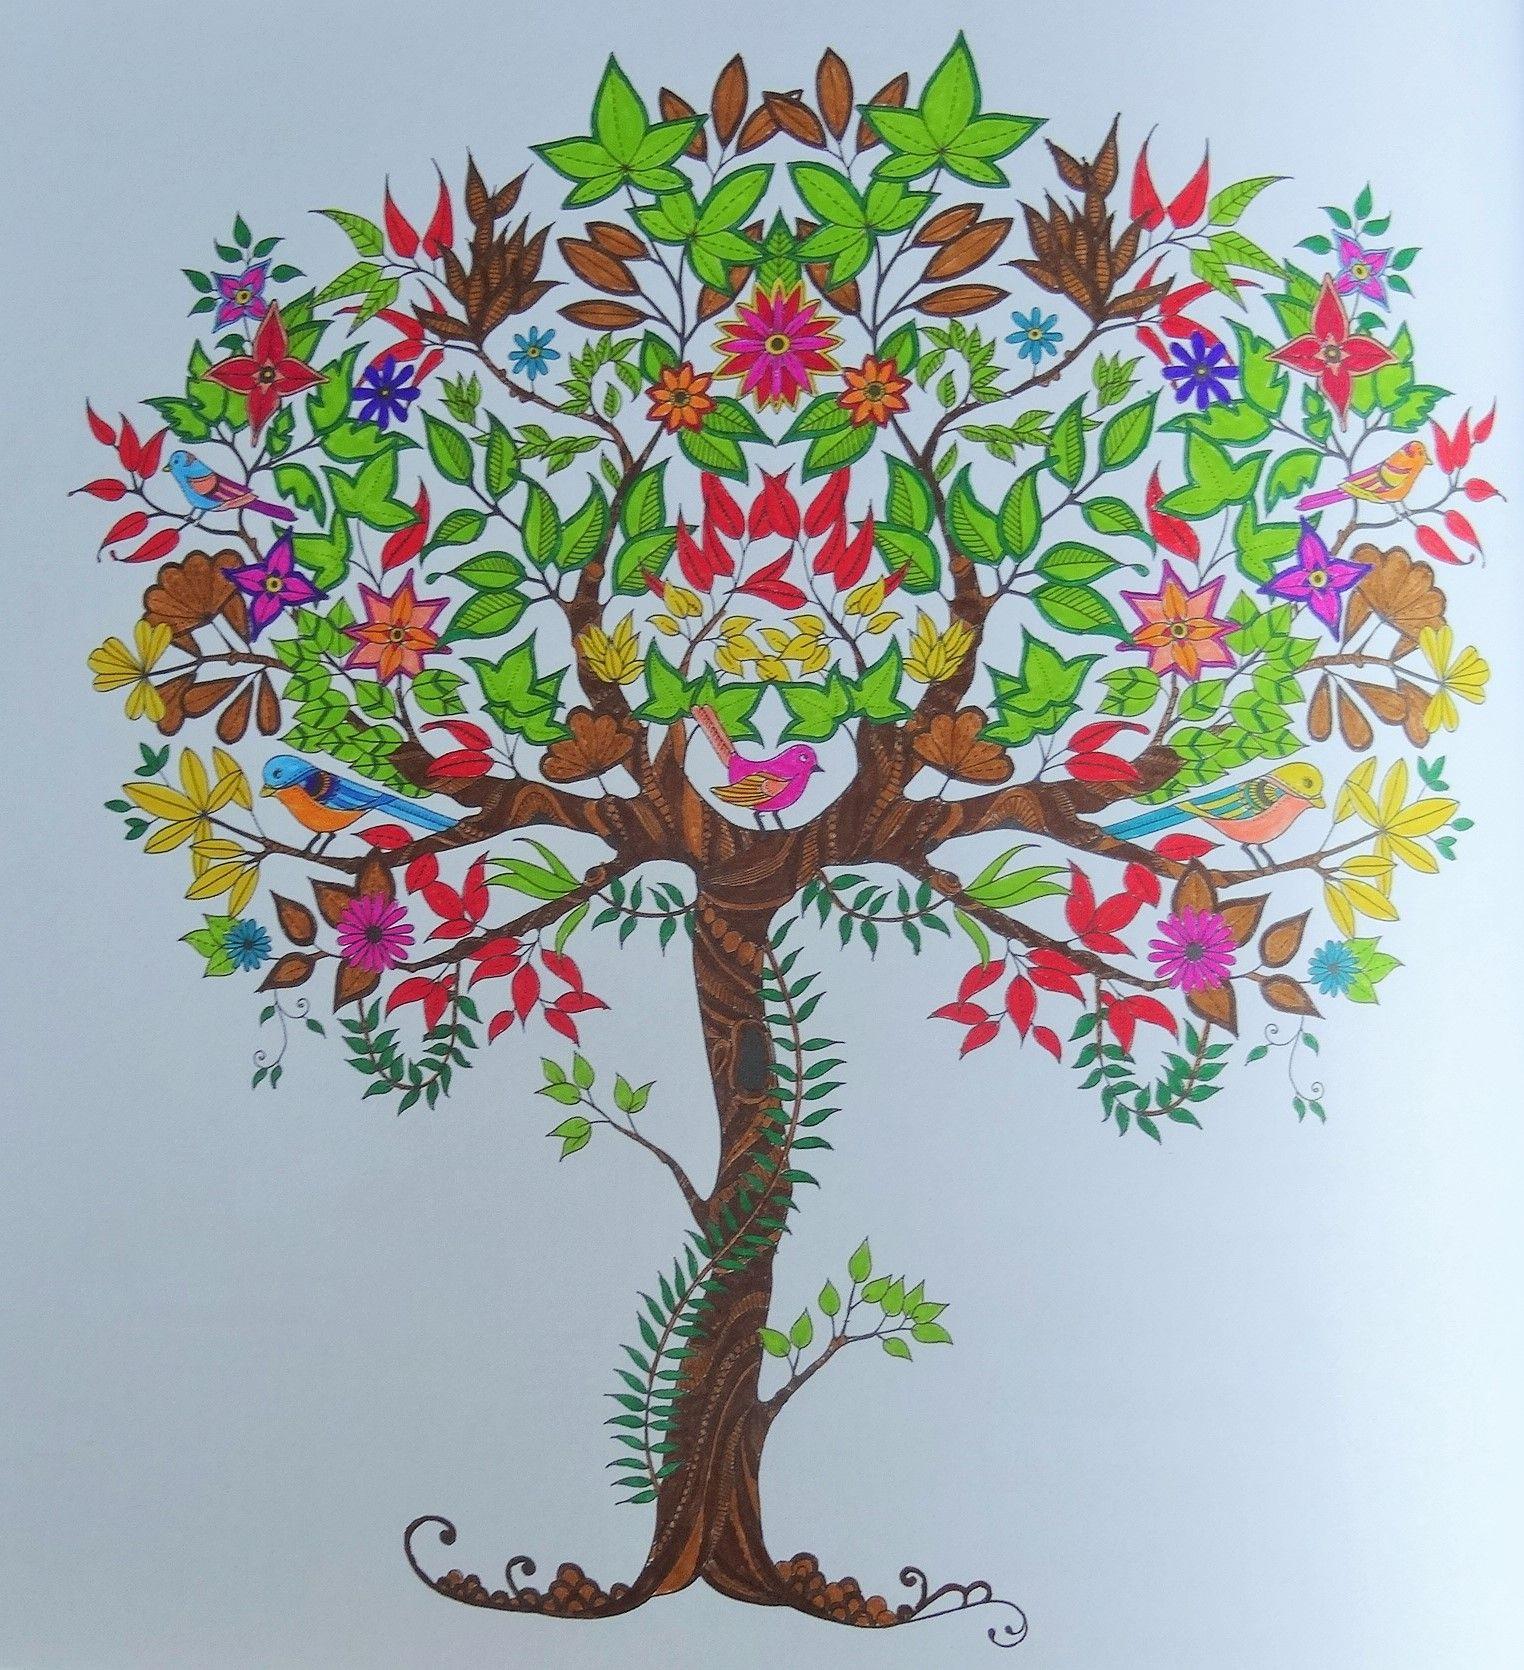 Épinglé par Les Mercredis de Julie sur Coloriages Art thérapie en 2019 | Coloriage jardin secret ...